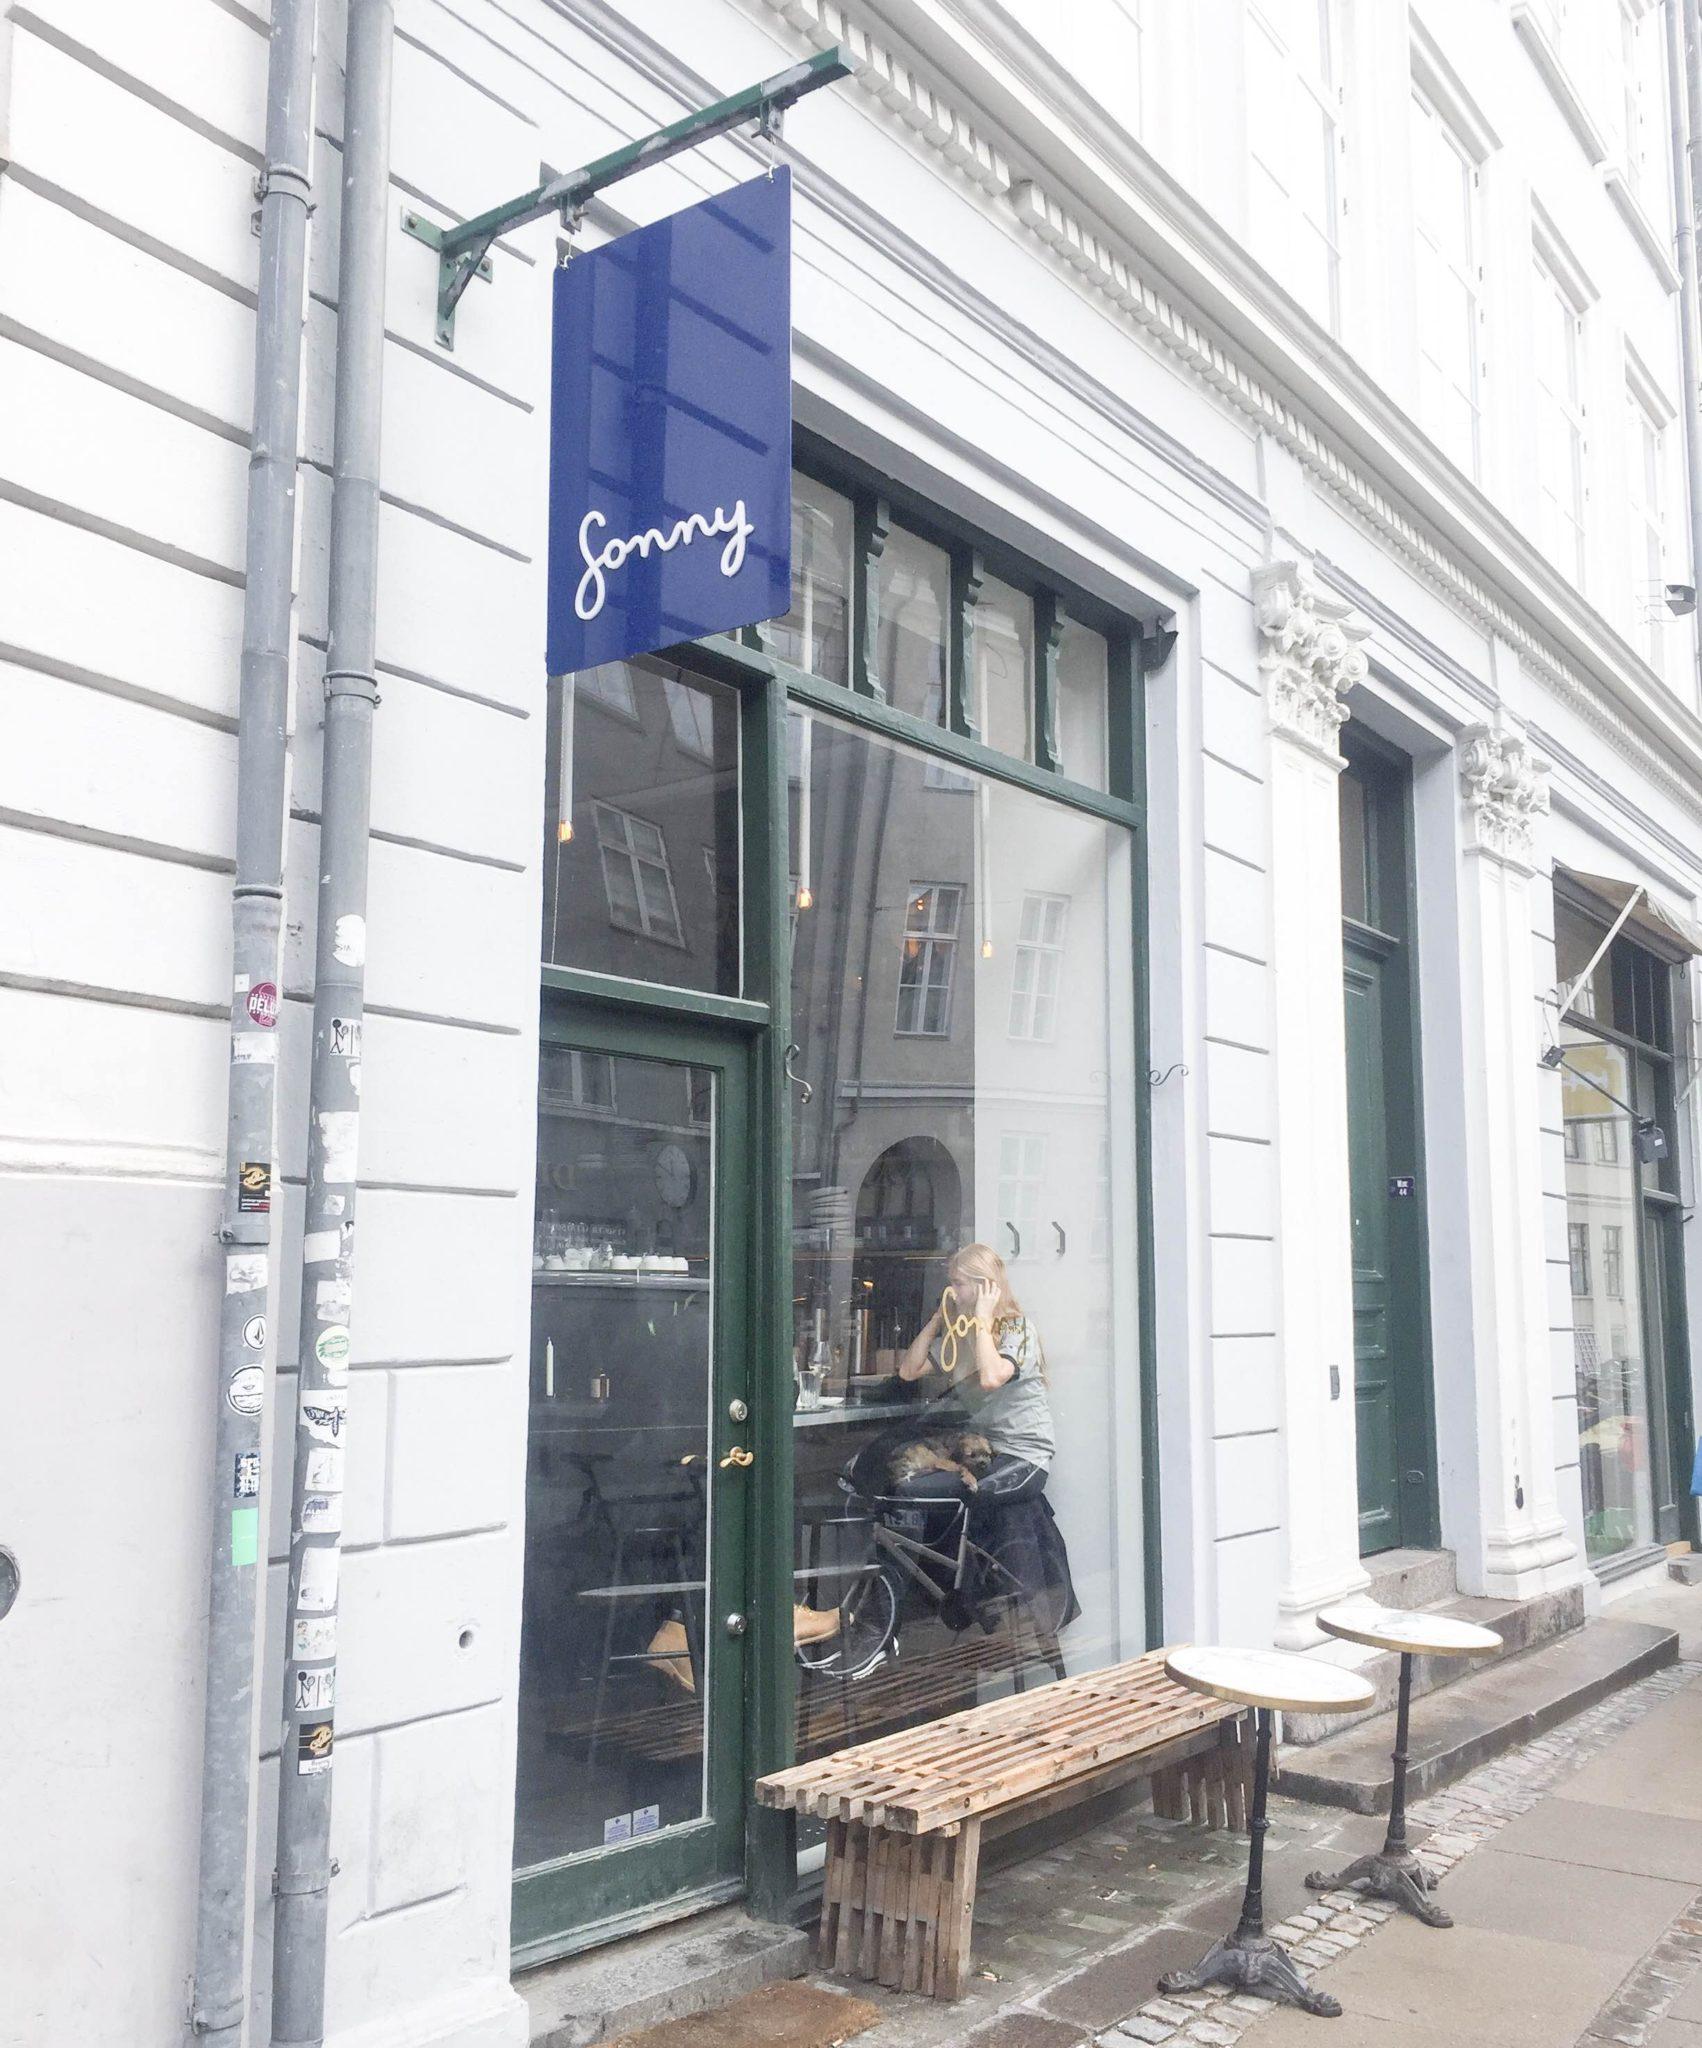 Sonny er en ny café og restaurant i København